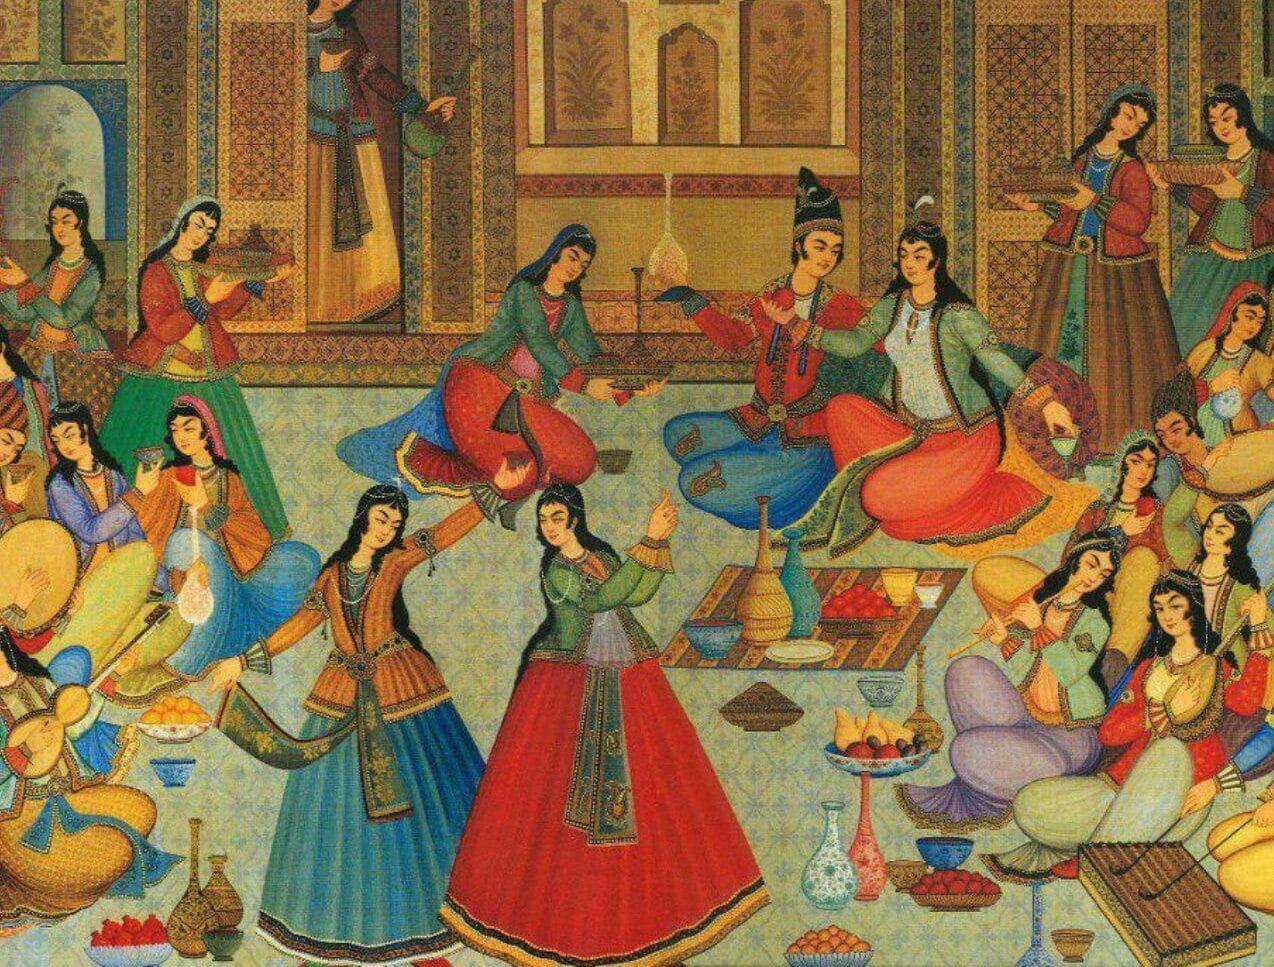 شادی در فرهنگ ایران باستان